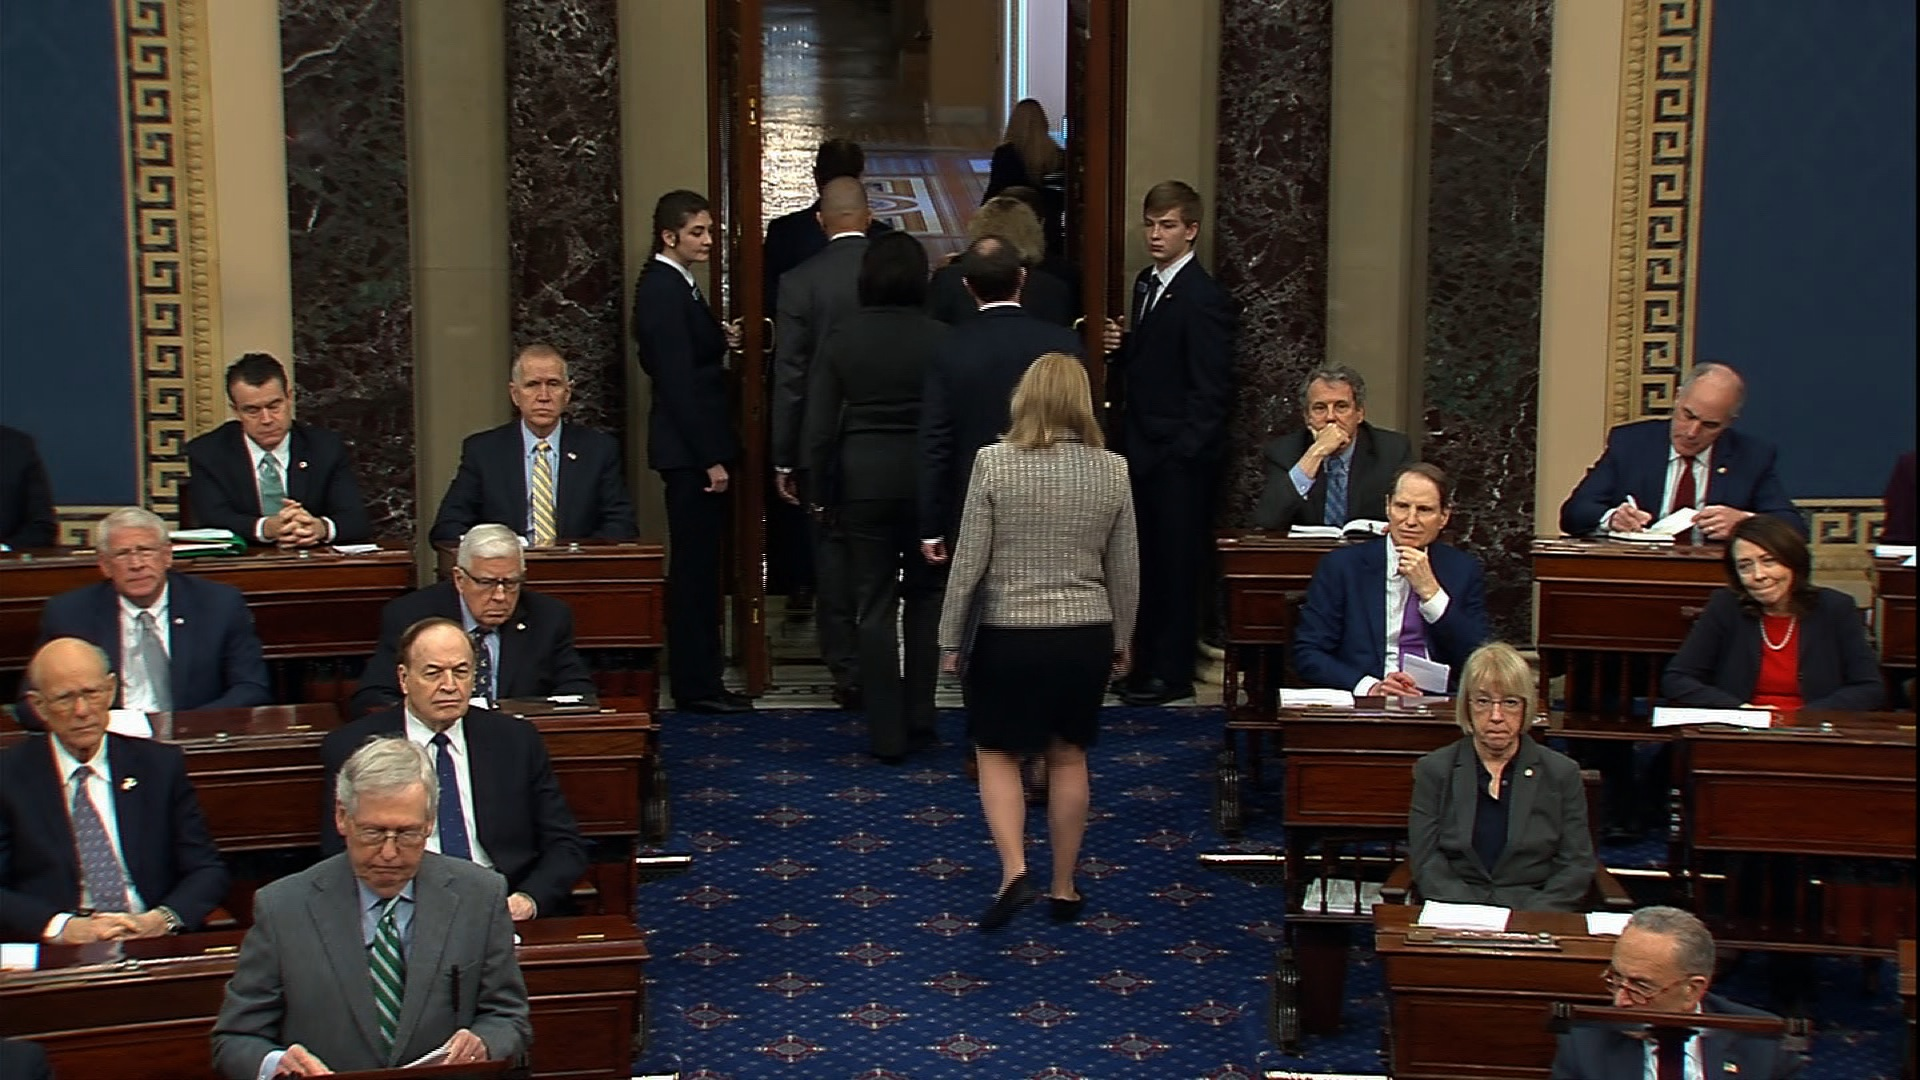 Senate TV